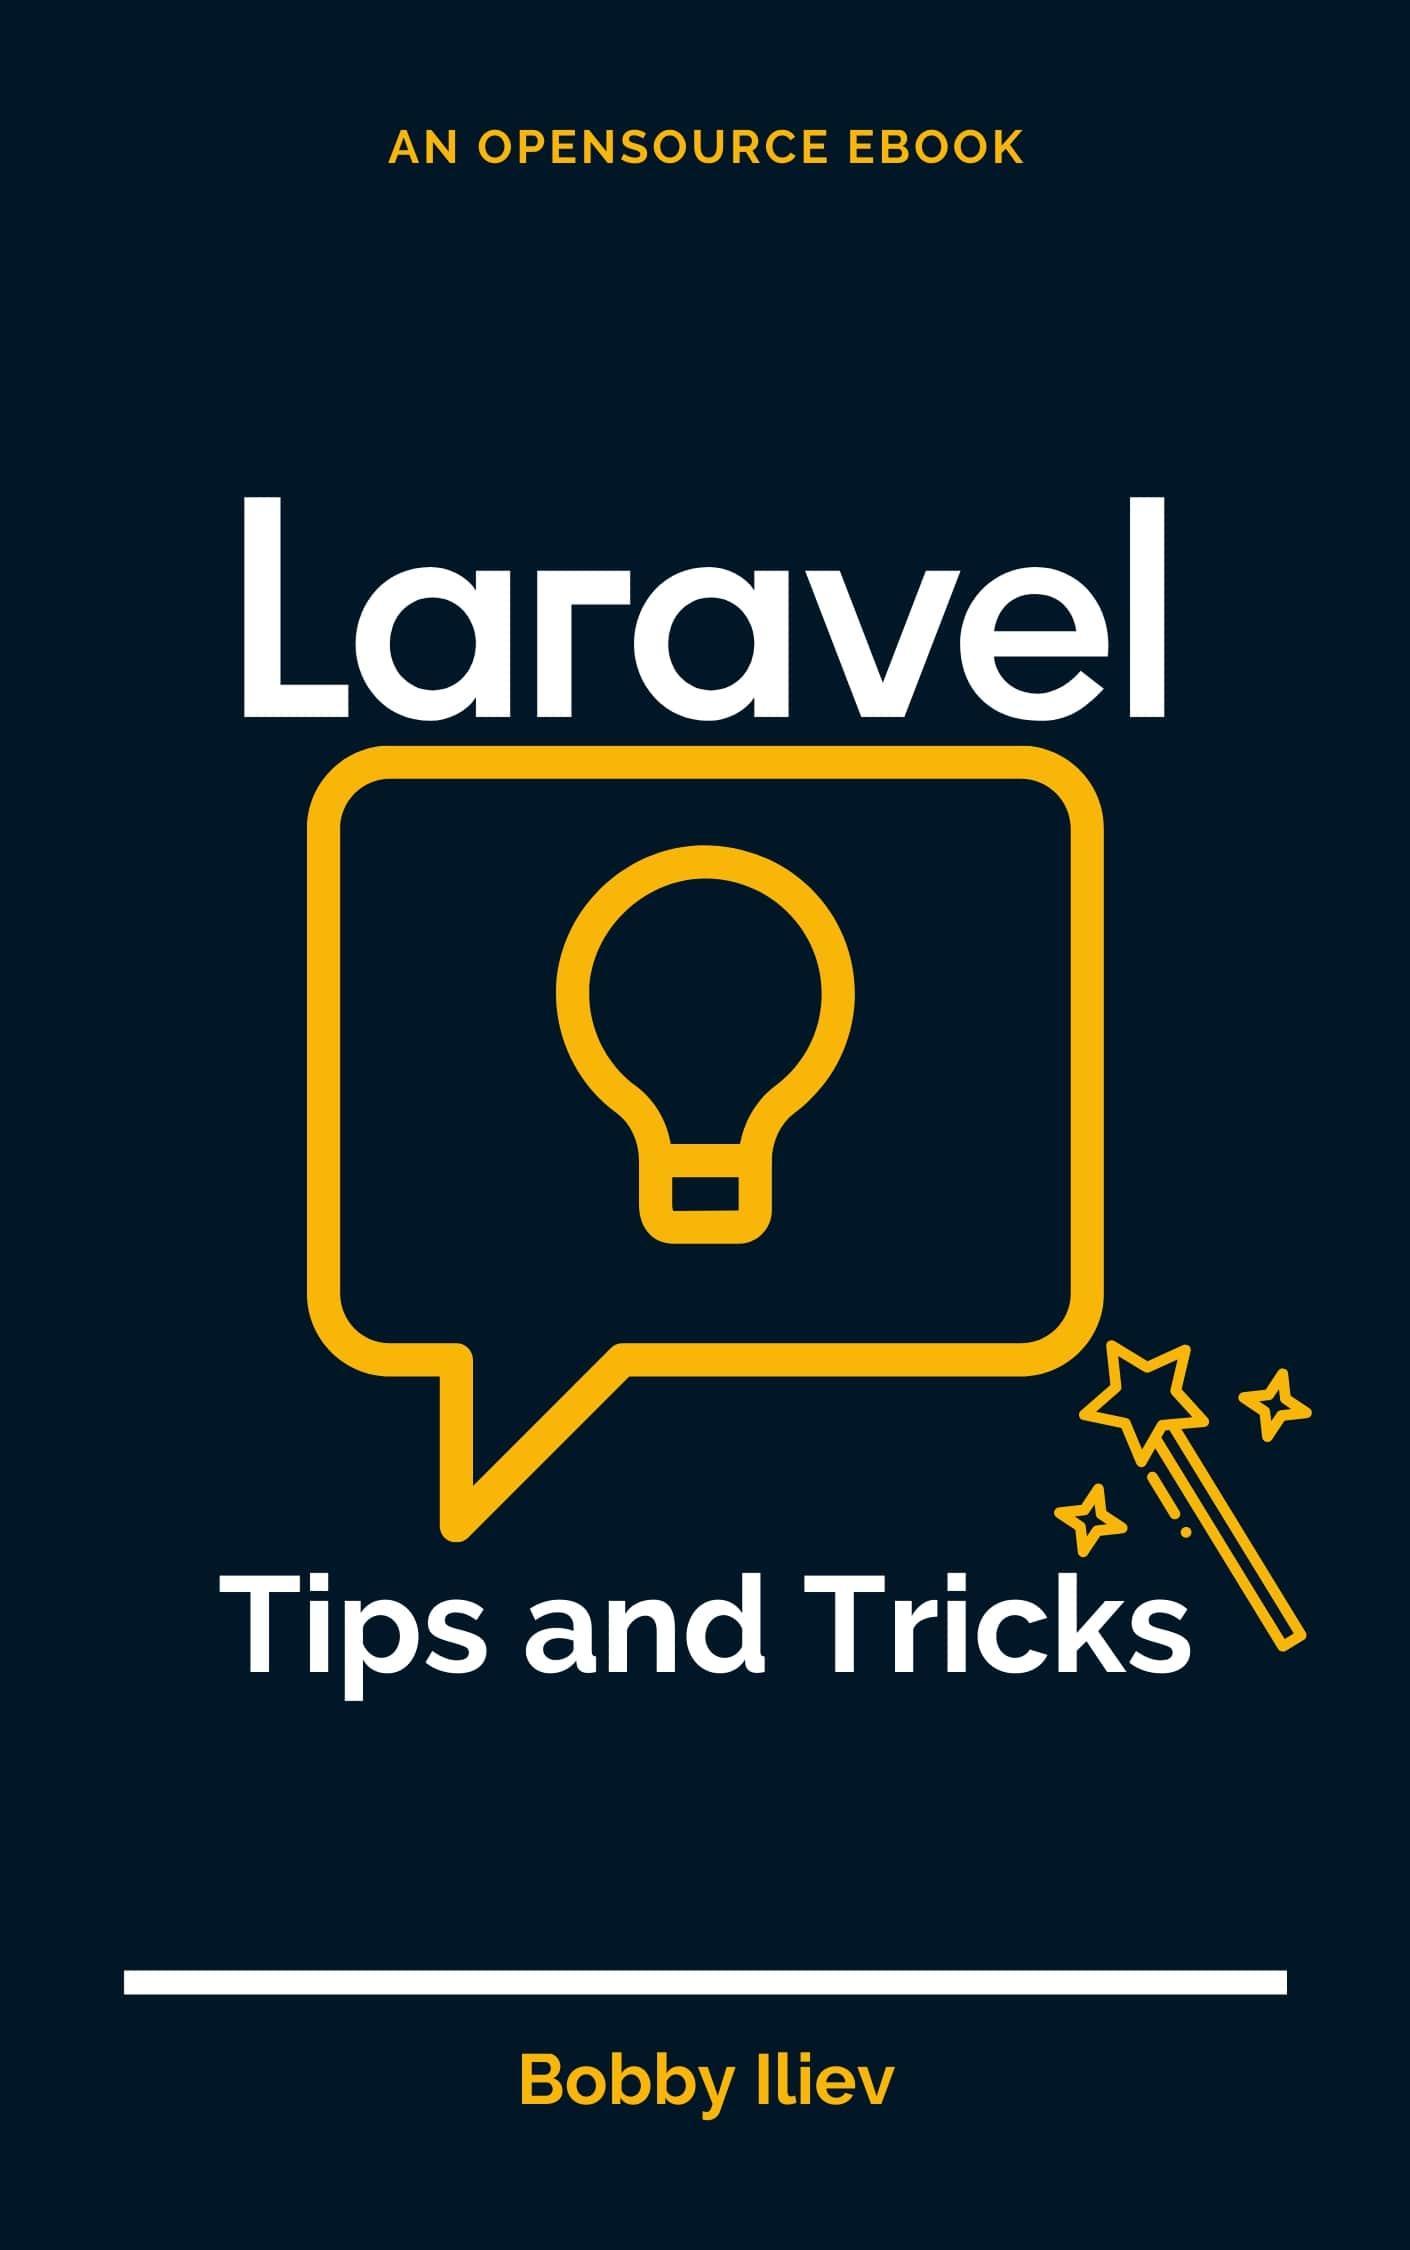 Laravel Tips and Tricks